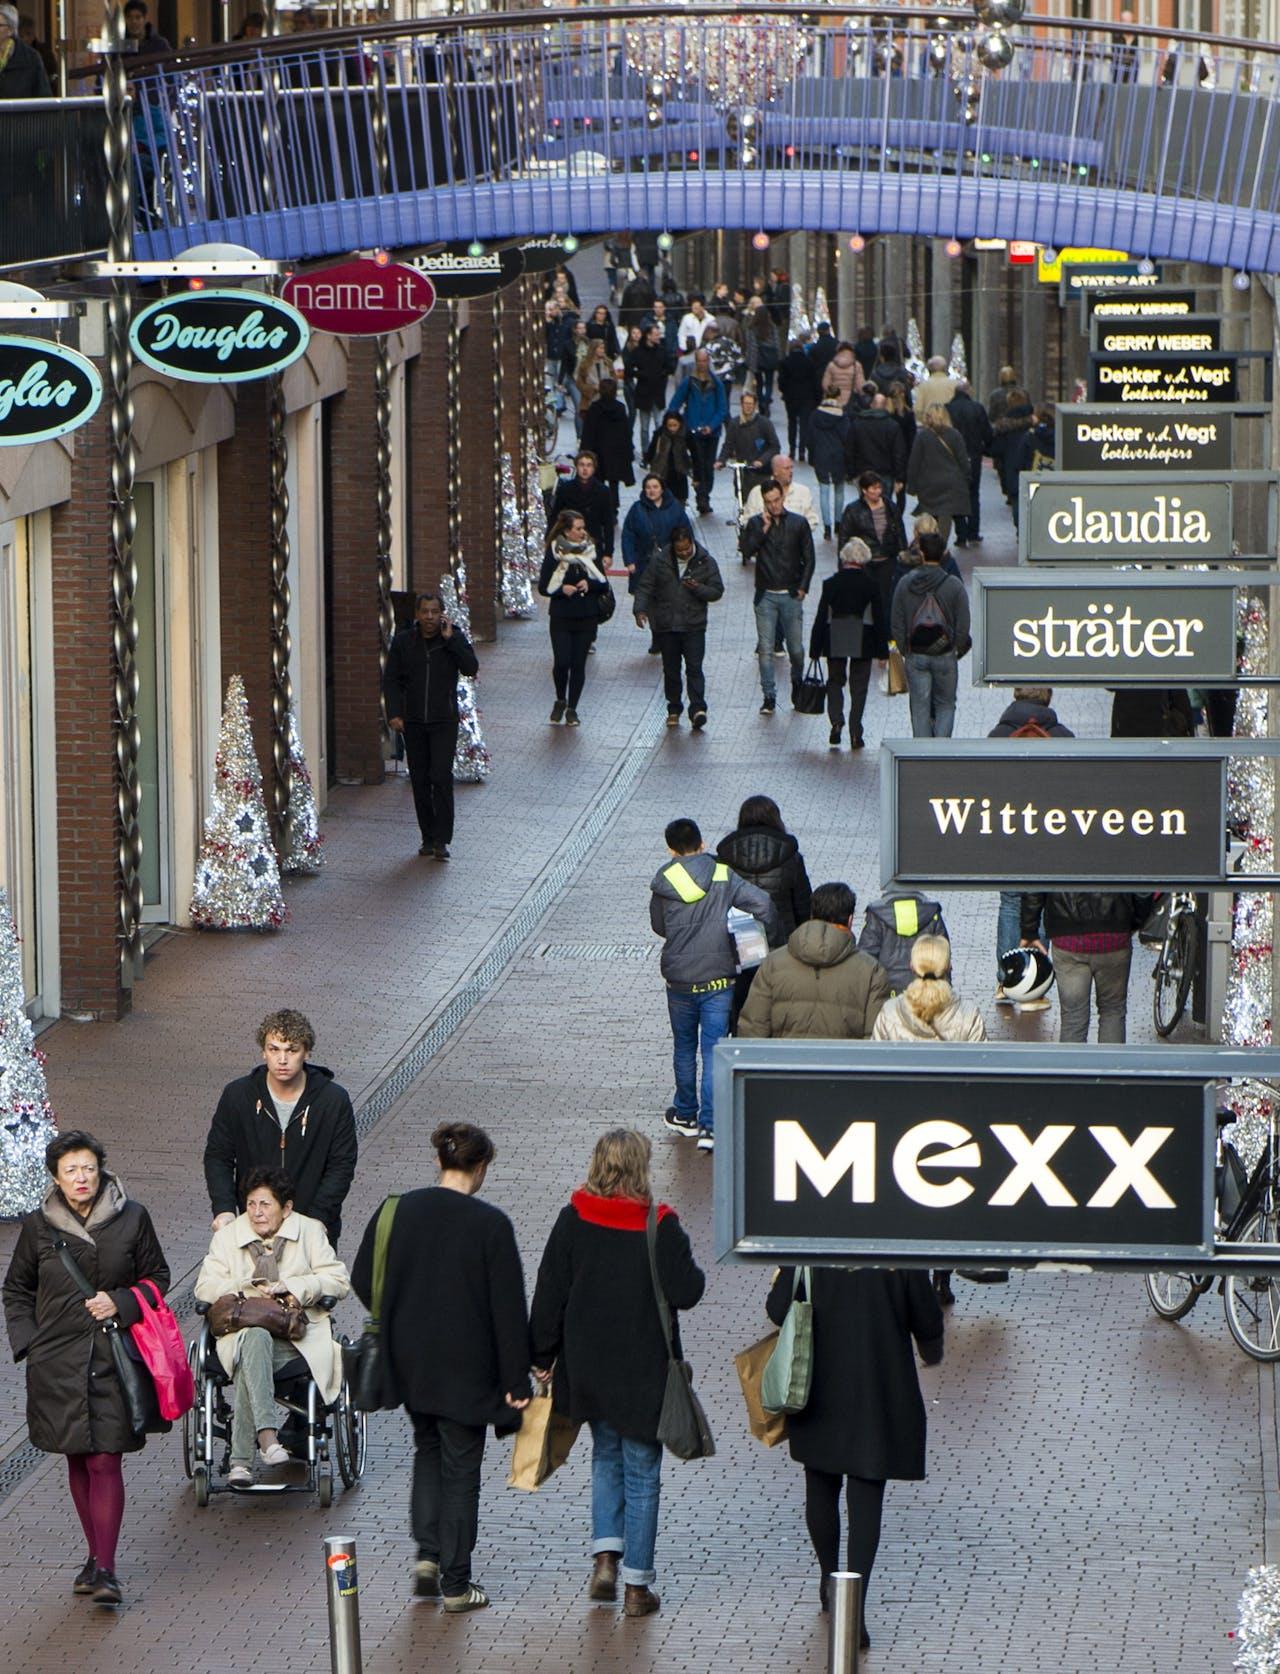 NIJMEGEN - Drukke winkelstraat in Nijmegen. ANP PIROSCHKA VAN DE WOUW